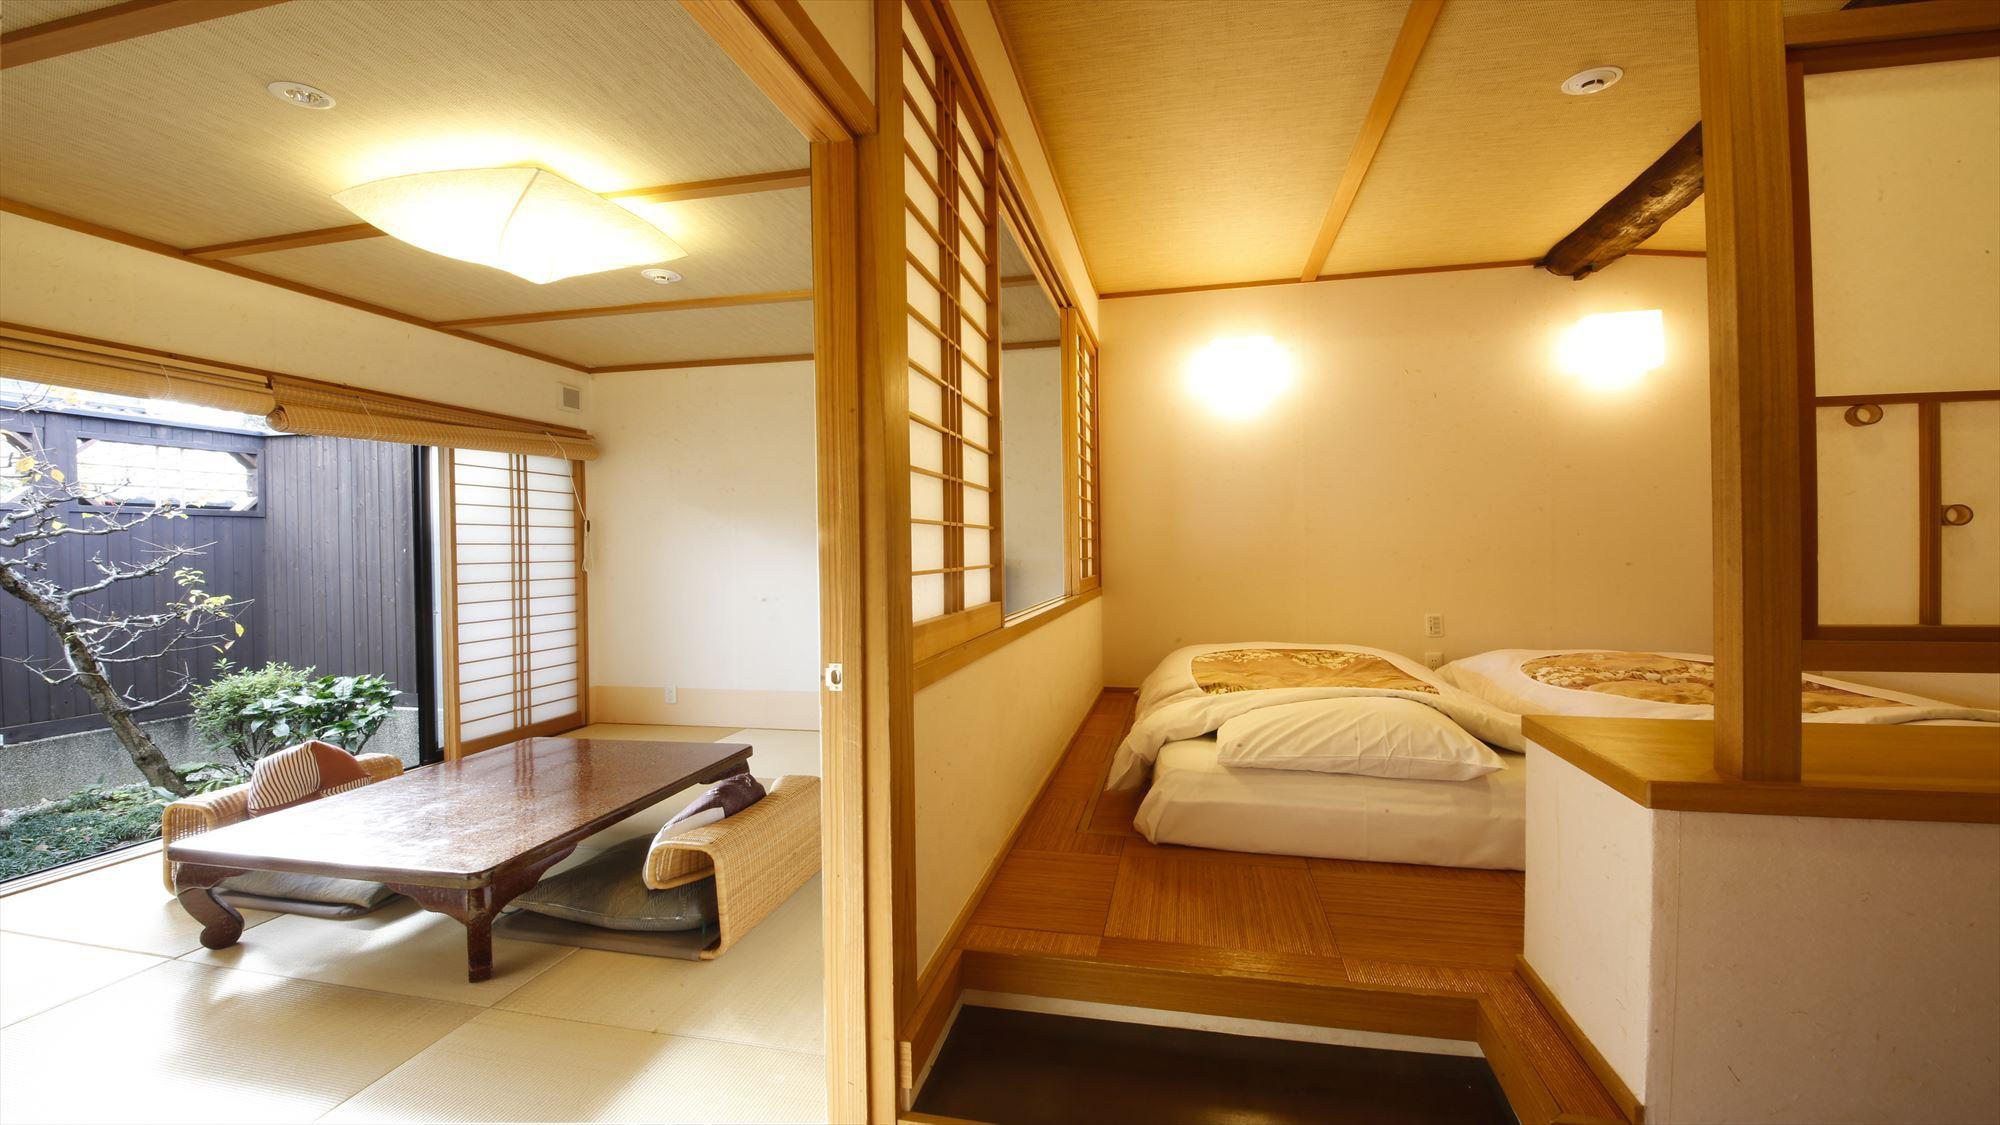 鹿鳴山荘 梅 露天風呂付きのお部屋です。二間に分かれた12畳のお部屋です